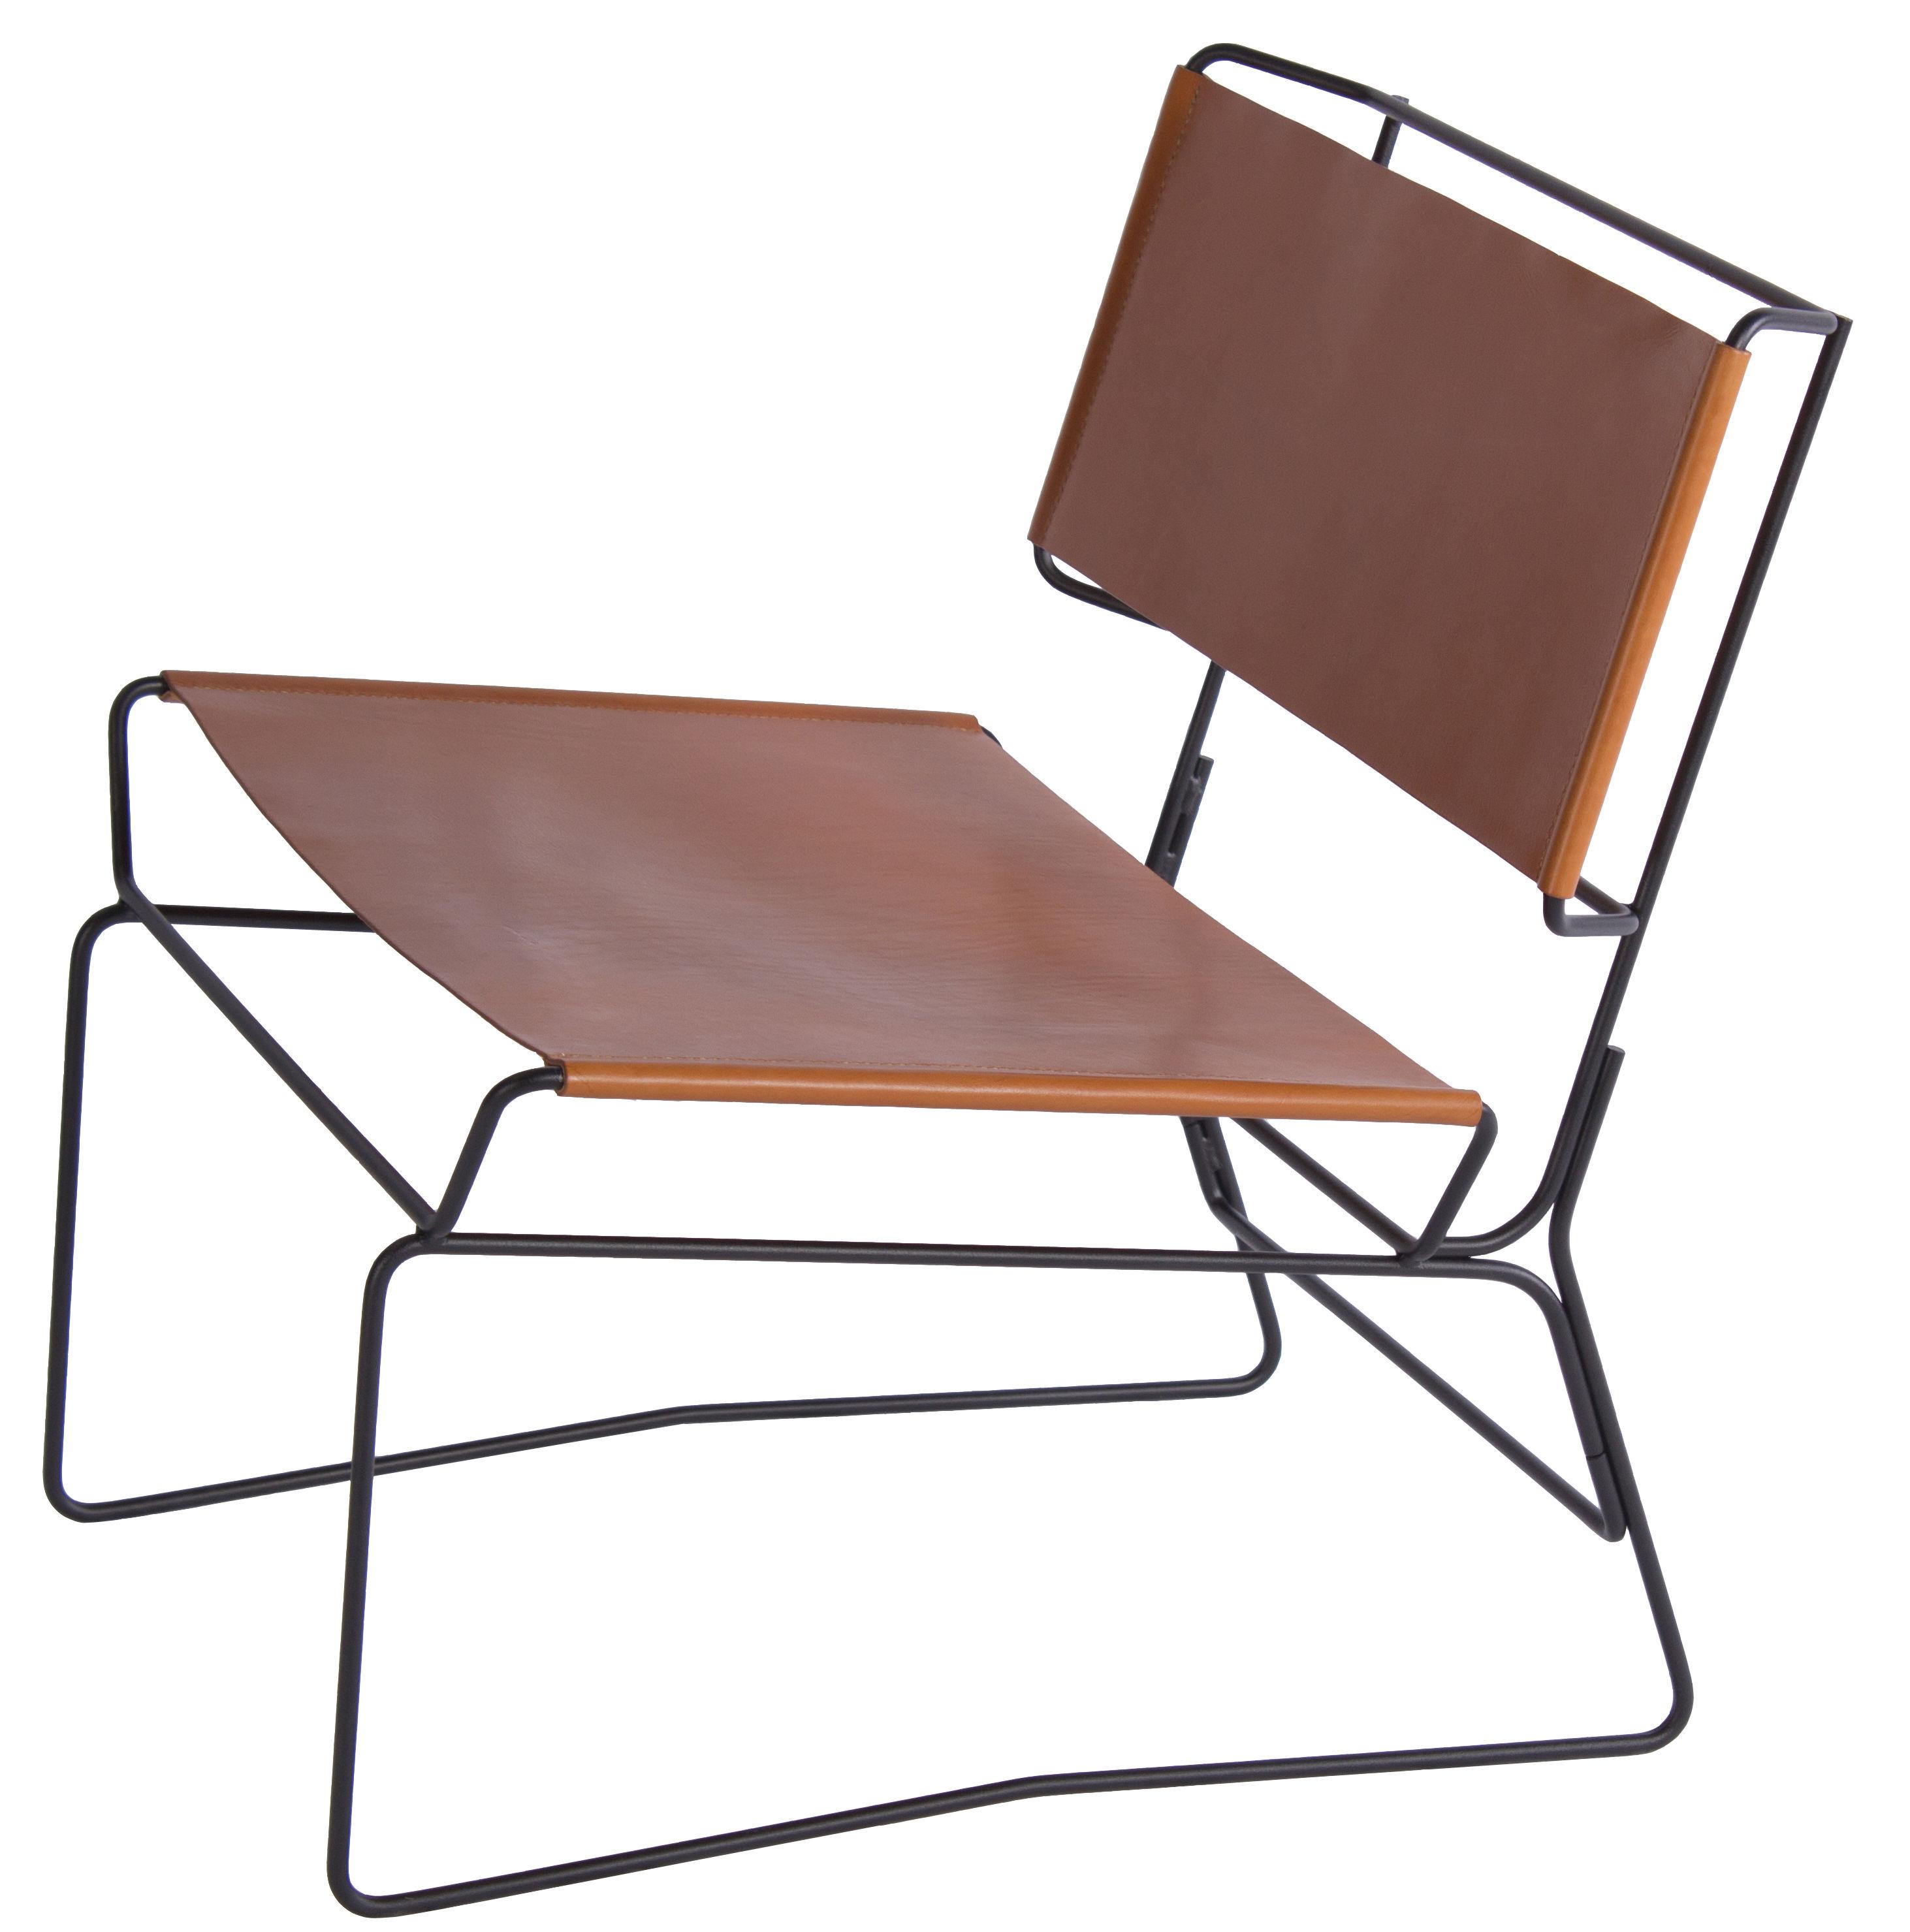 Mobilier - Fauteuils - Fauteuil bas Fil / Cuir naturel - AA-New Design - Cuir naturel / Structure noire - Acier laqué époxy, Cuir